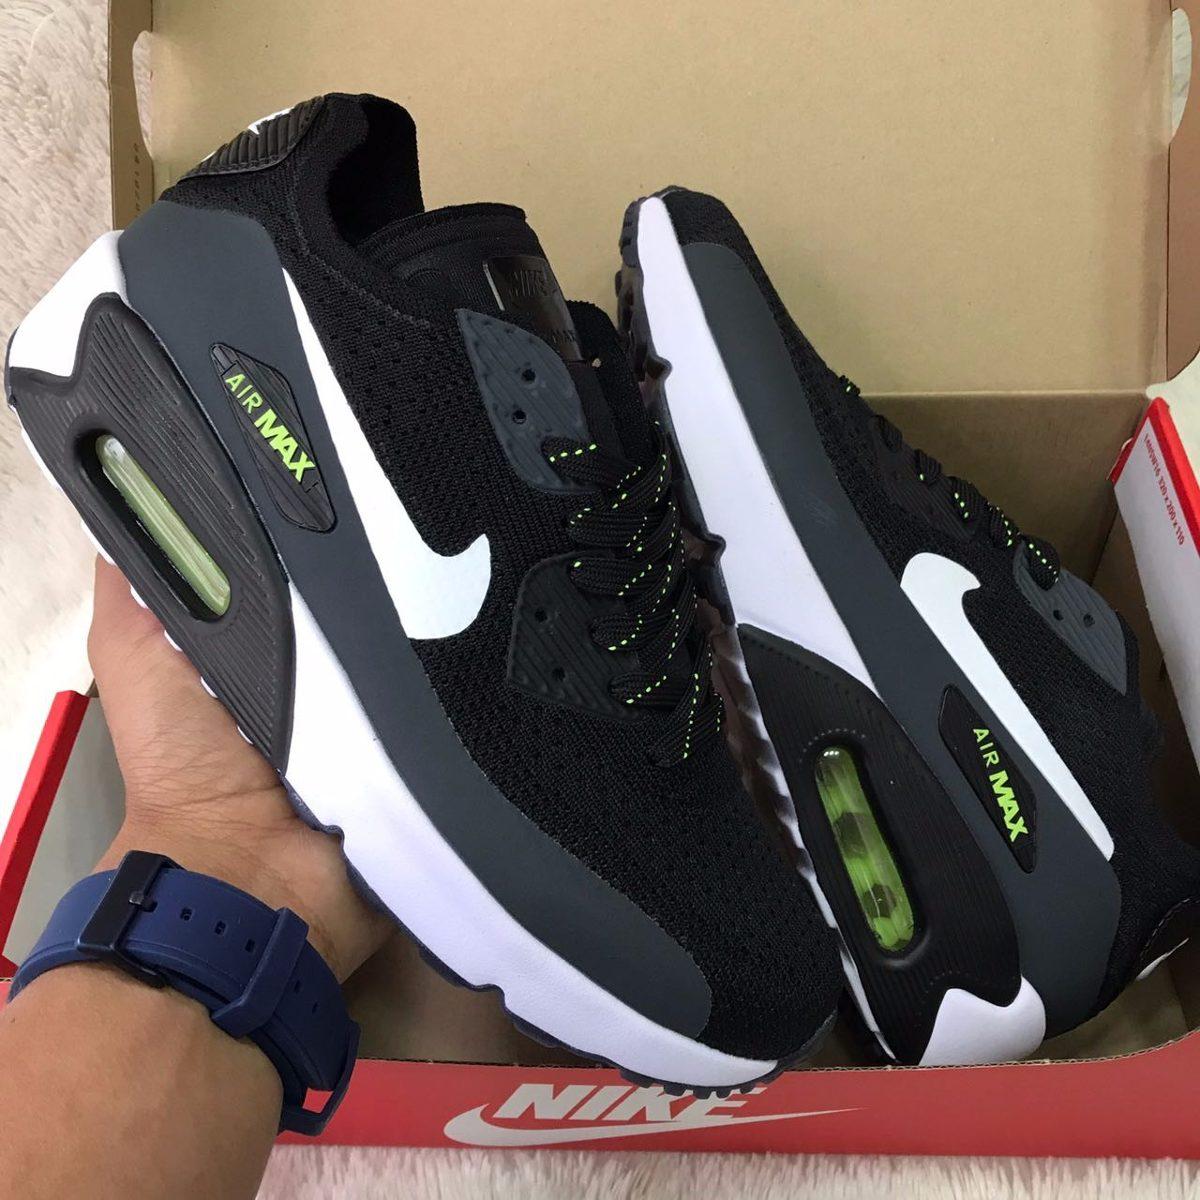 1fde532452568 Tenis Tennis Nike Air Max 180 Hombre -   175.900 en Mercado Libre